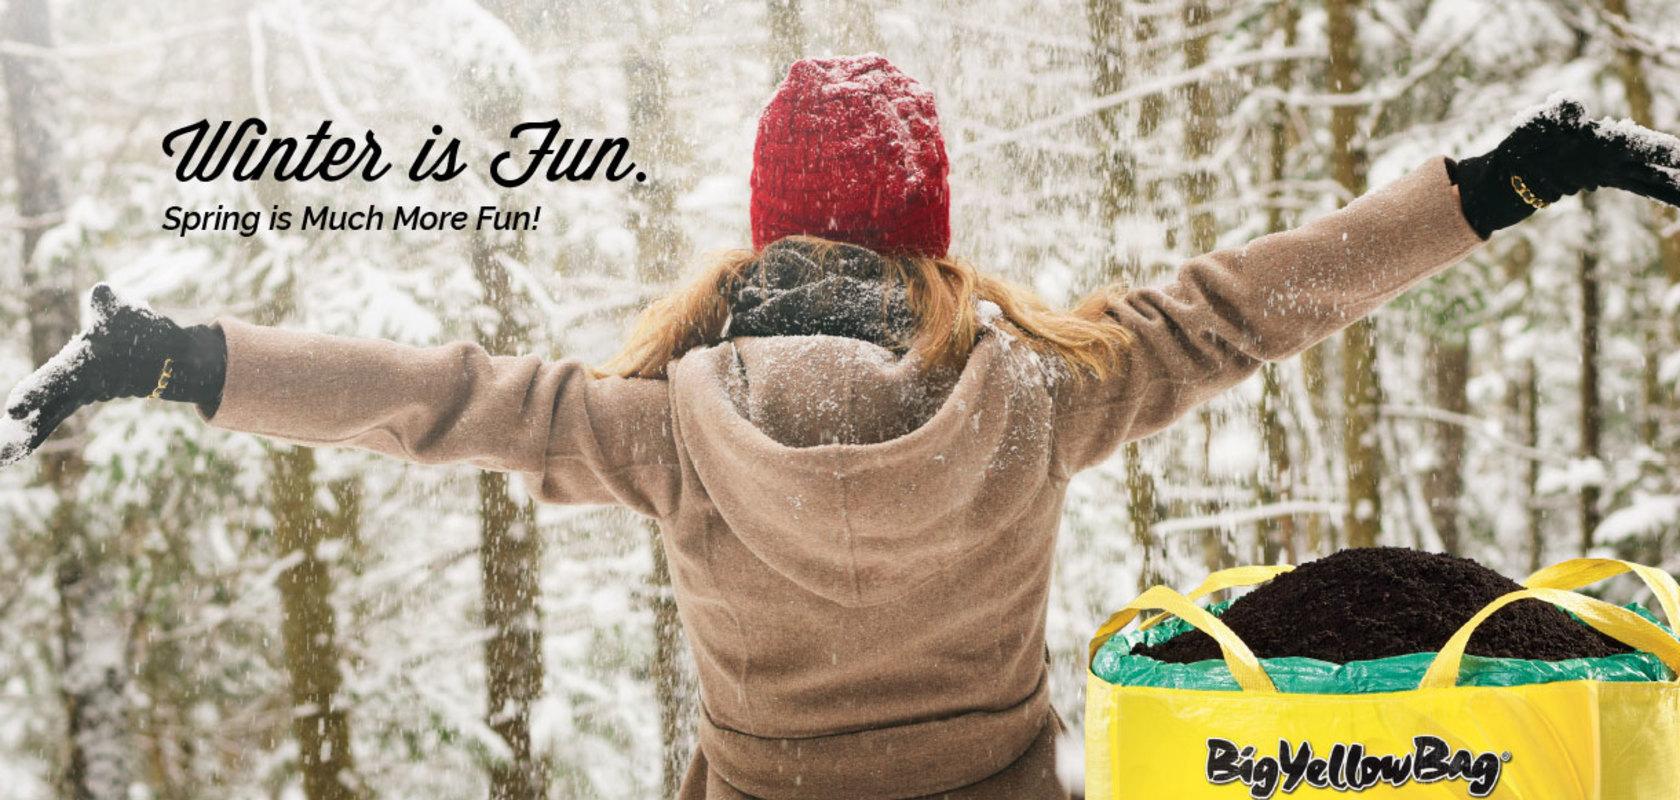 Byb winter homepg banner2